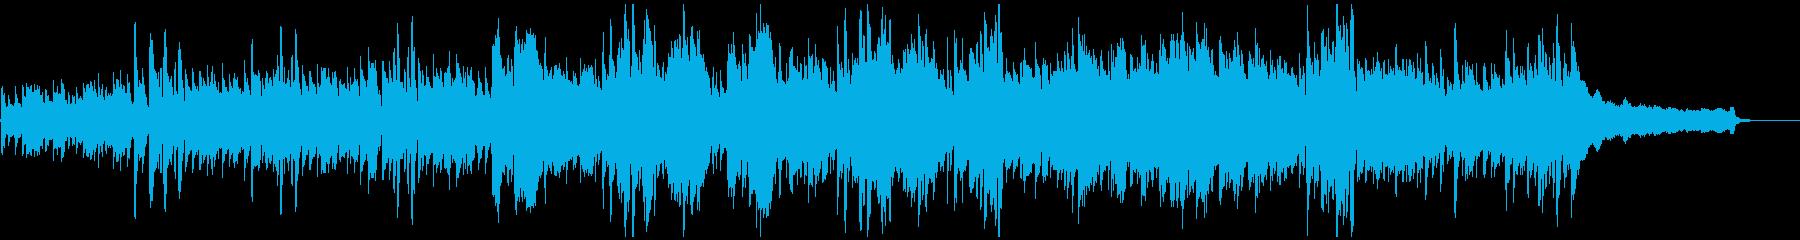 流れるような刺激的な配達の折Fol...の再生済みの波形